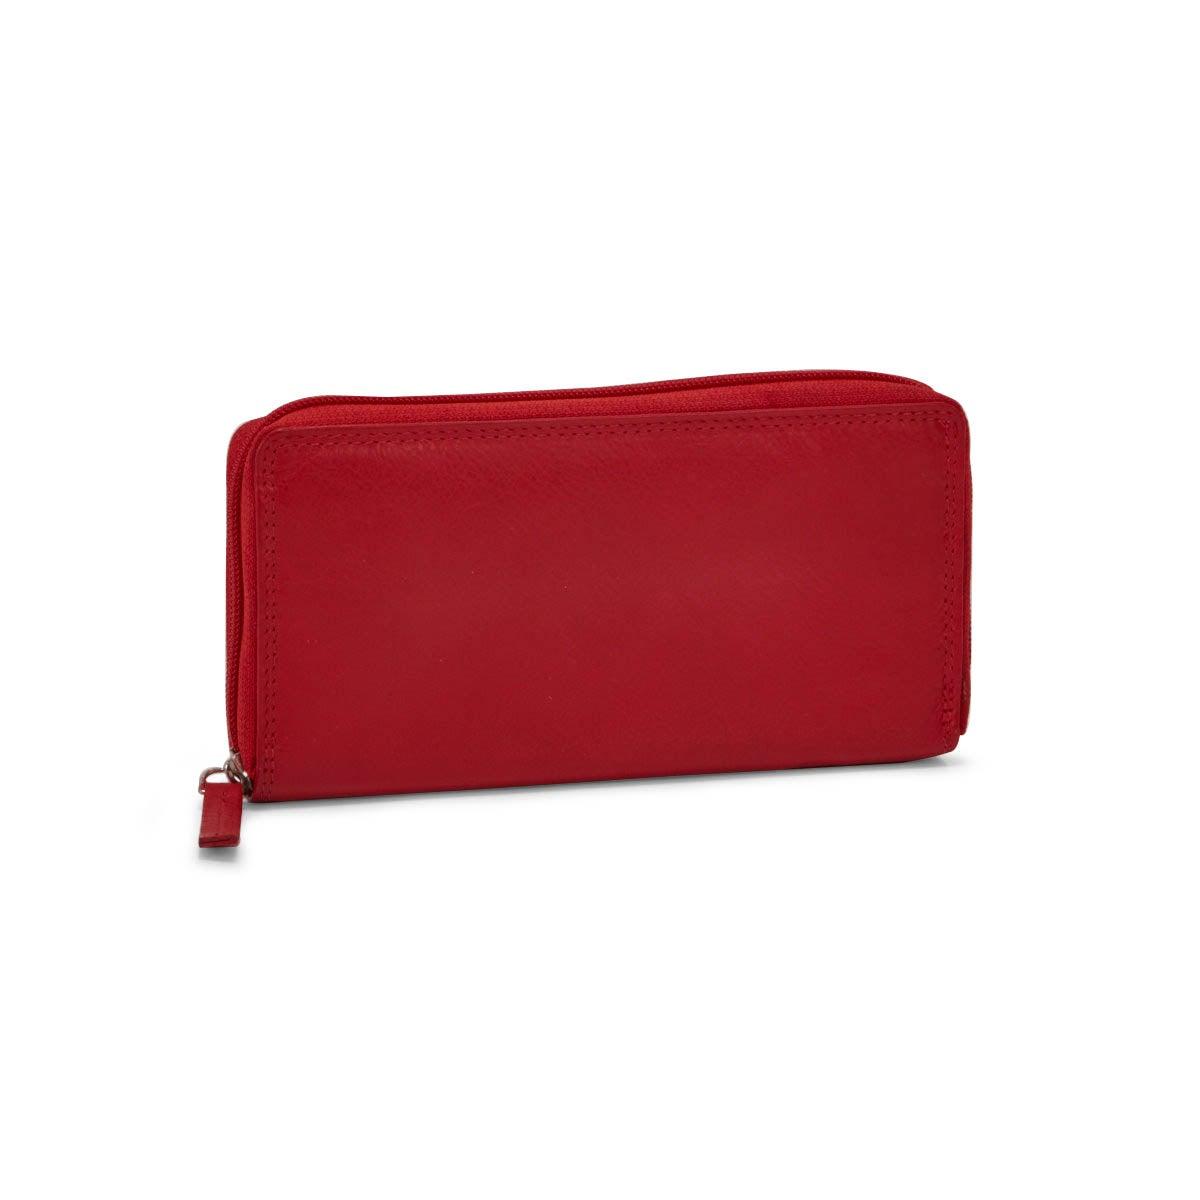 Lds red leather RFID zip around wallet